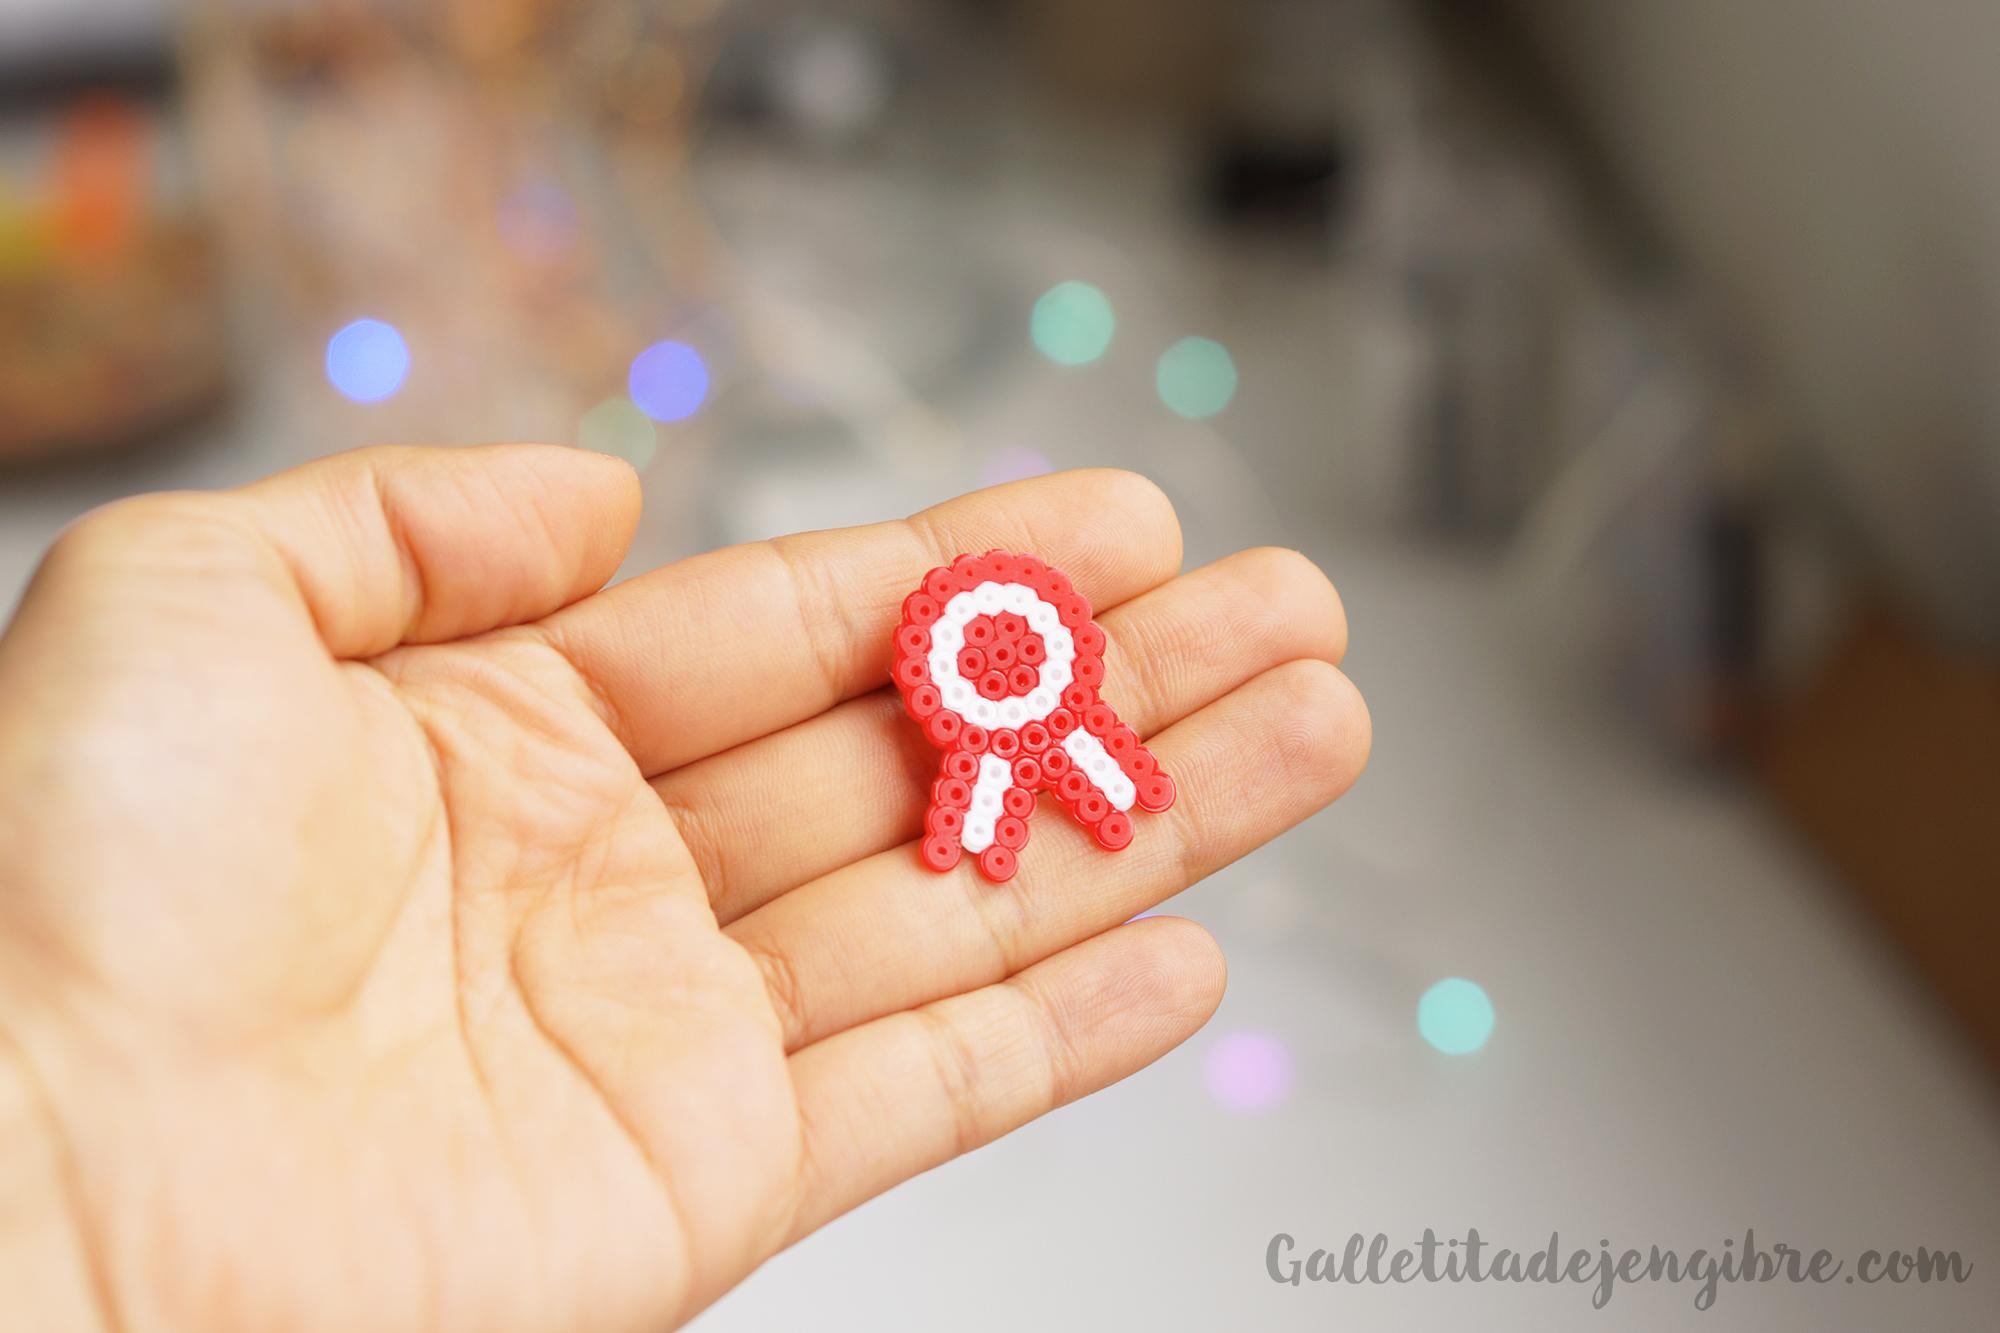 Cómo Hacer Una Escarapela Con Mini Hama Beads Galletita De Jengibre